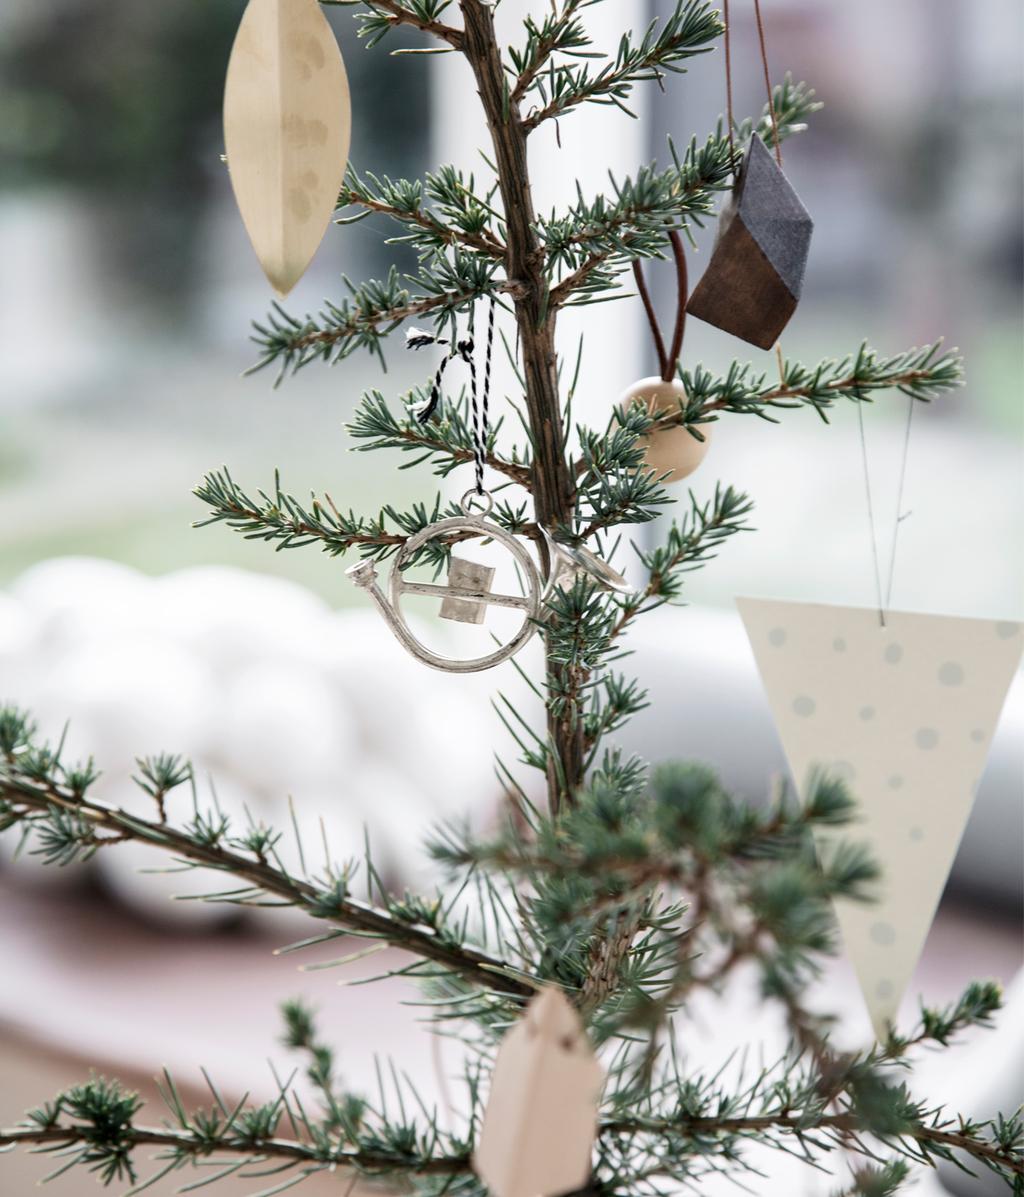 Kerstboom | vtwonen 13-2020